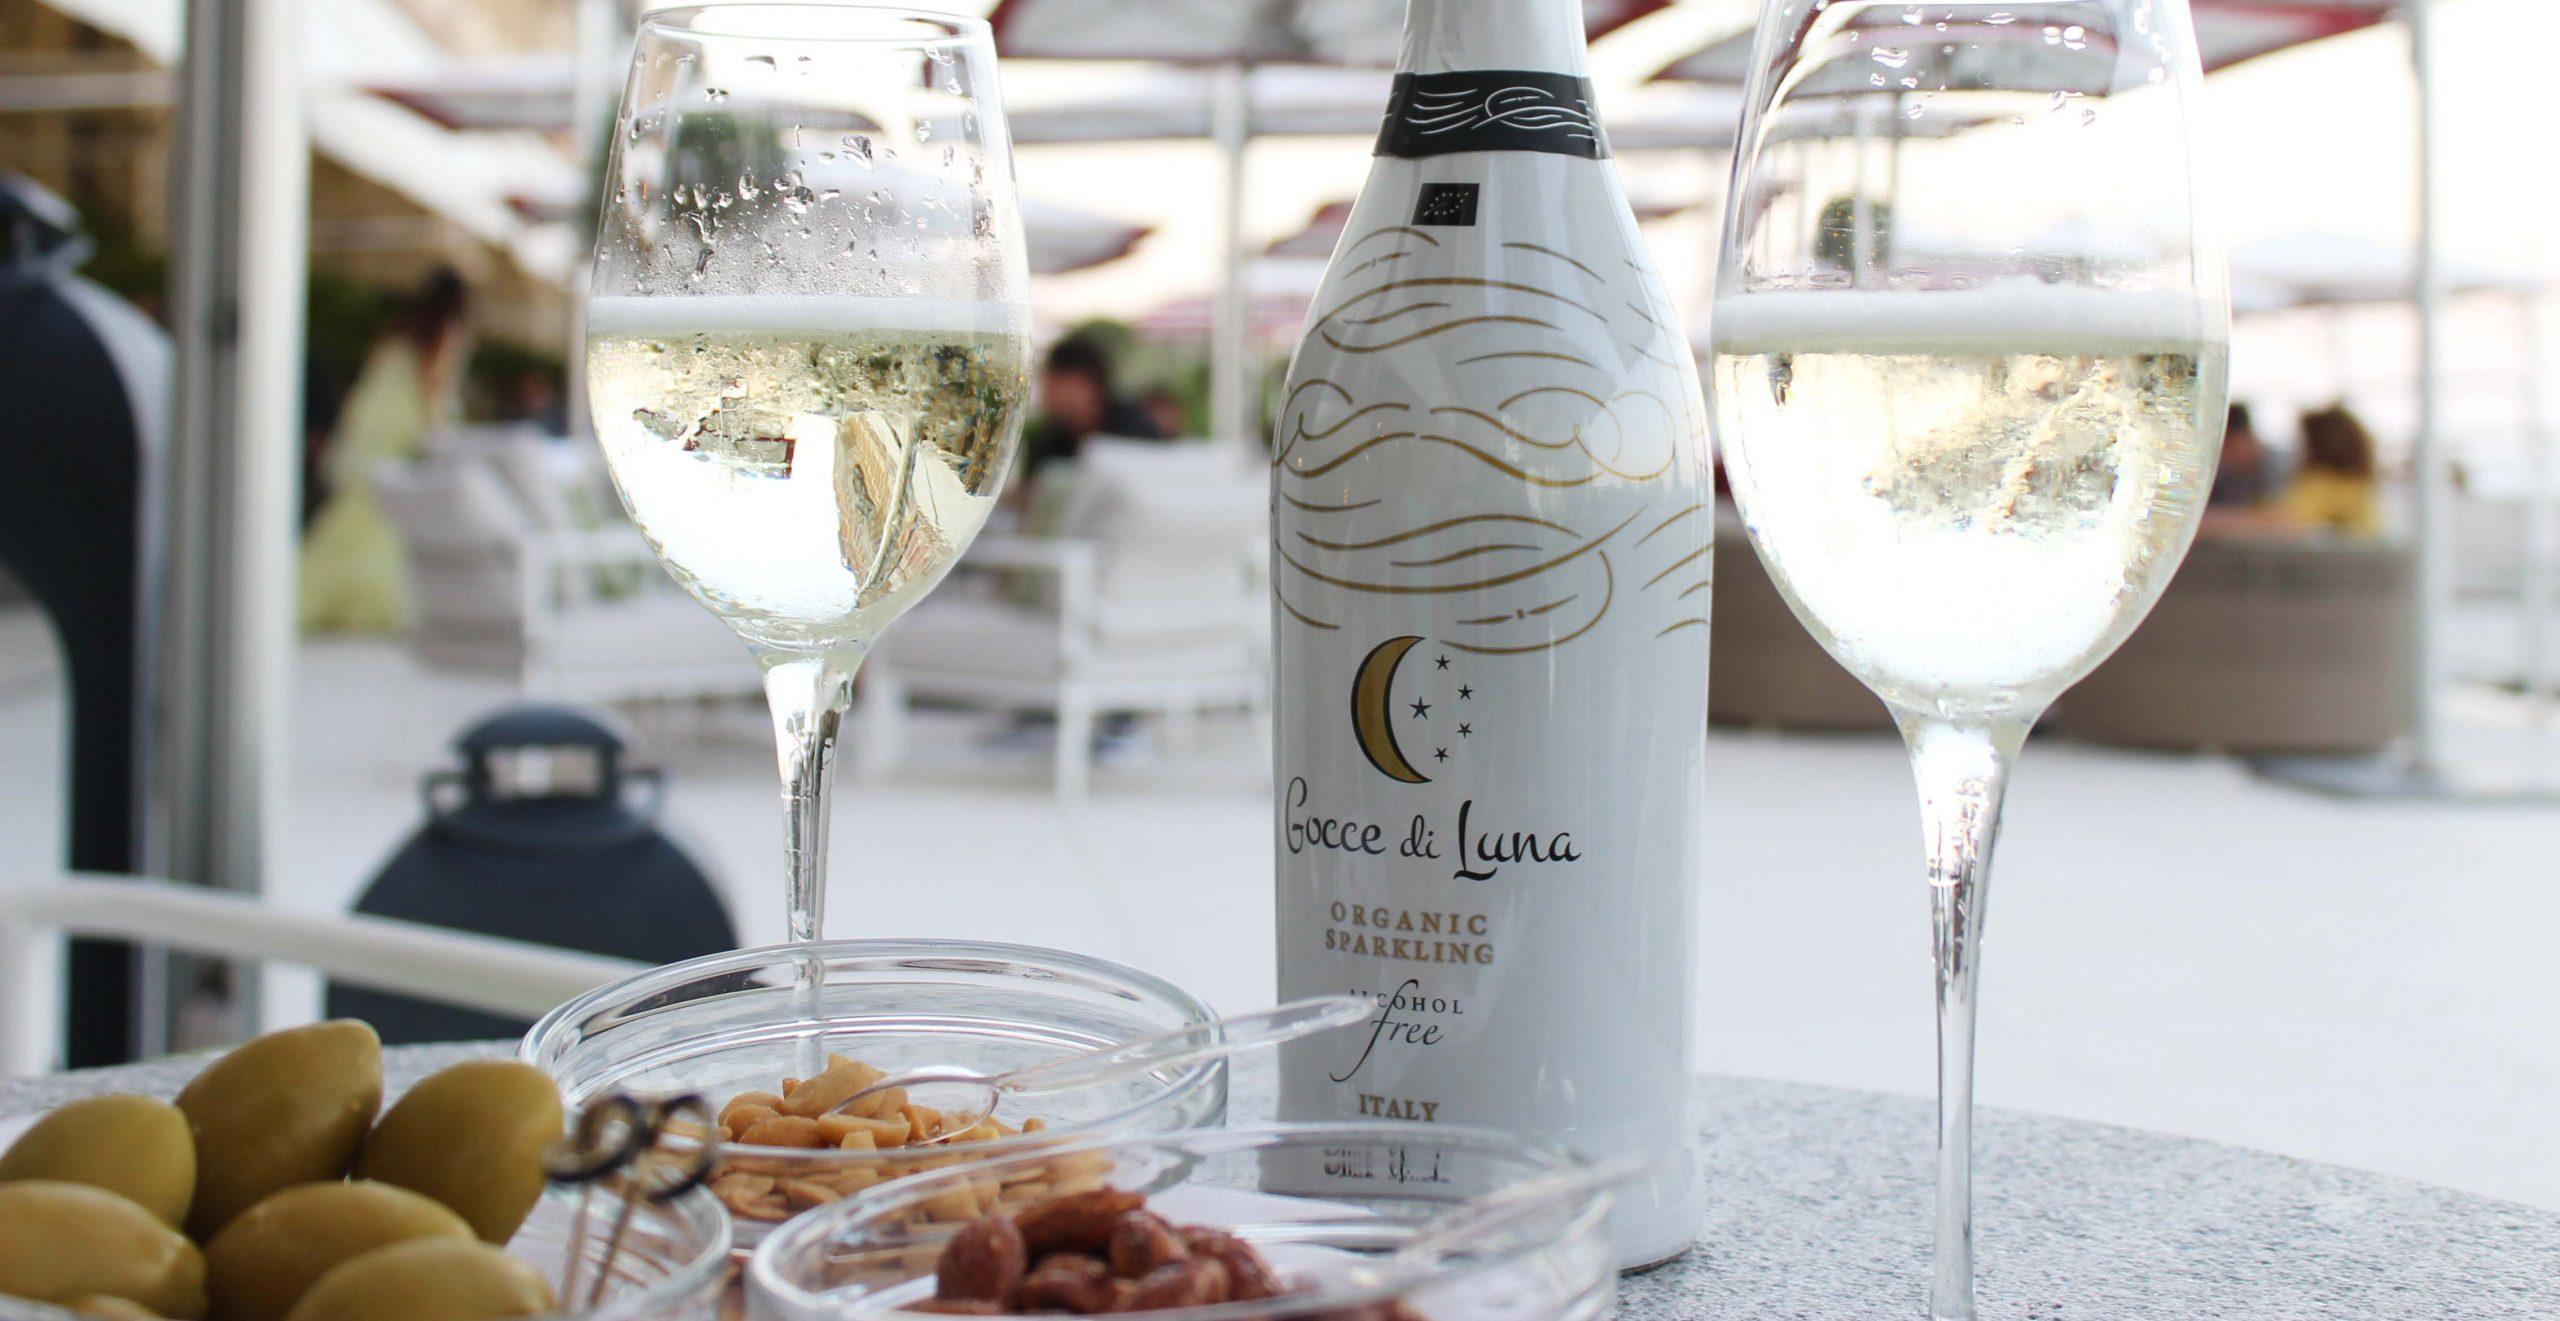 wine non alcoholic - gocce di luna